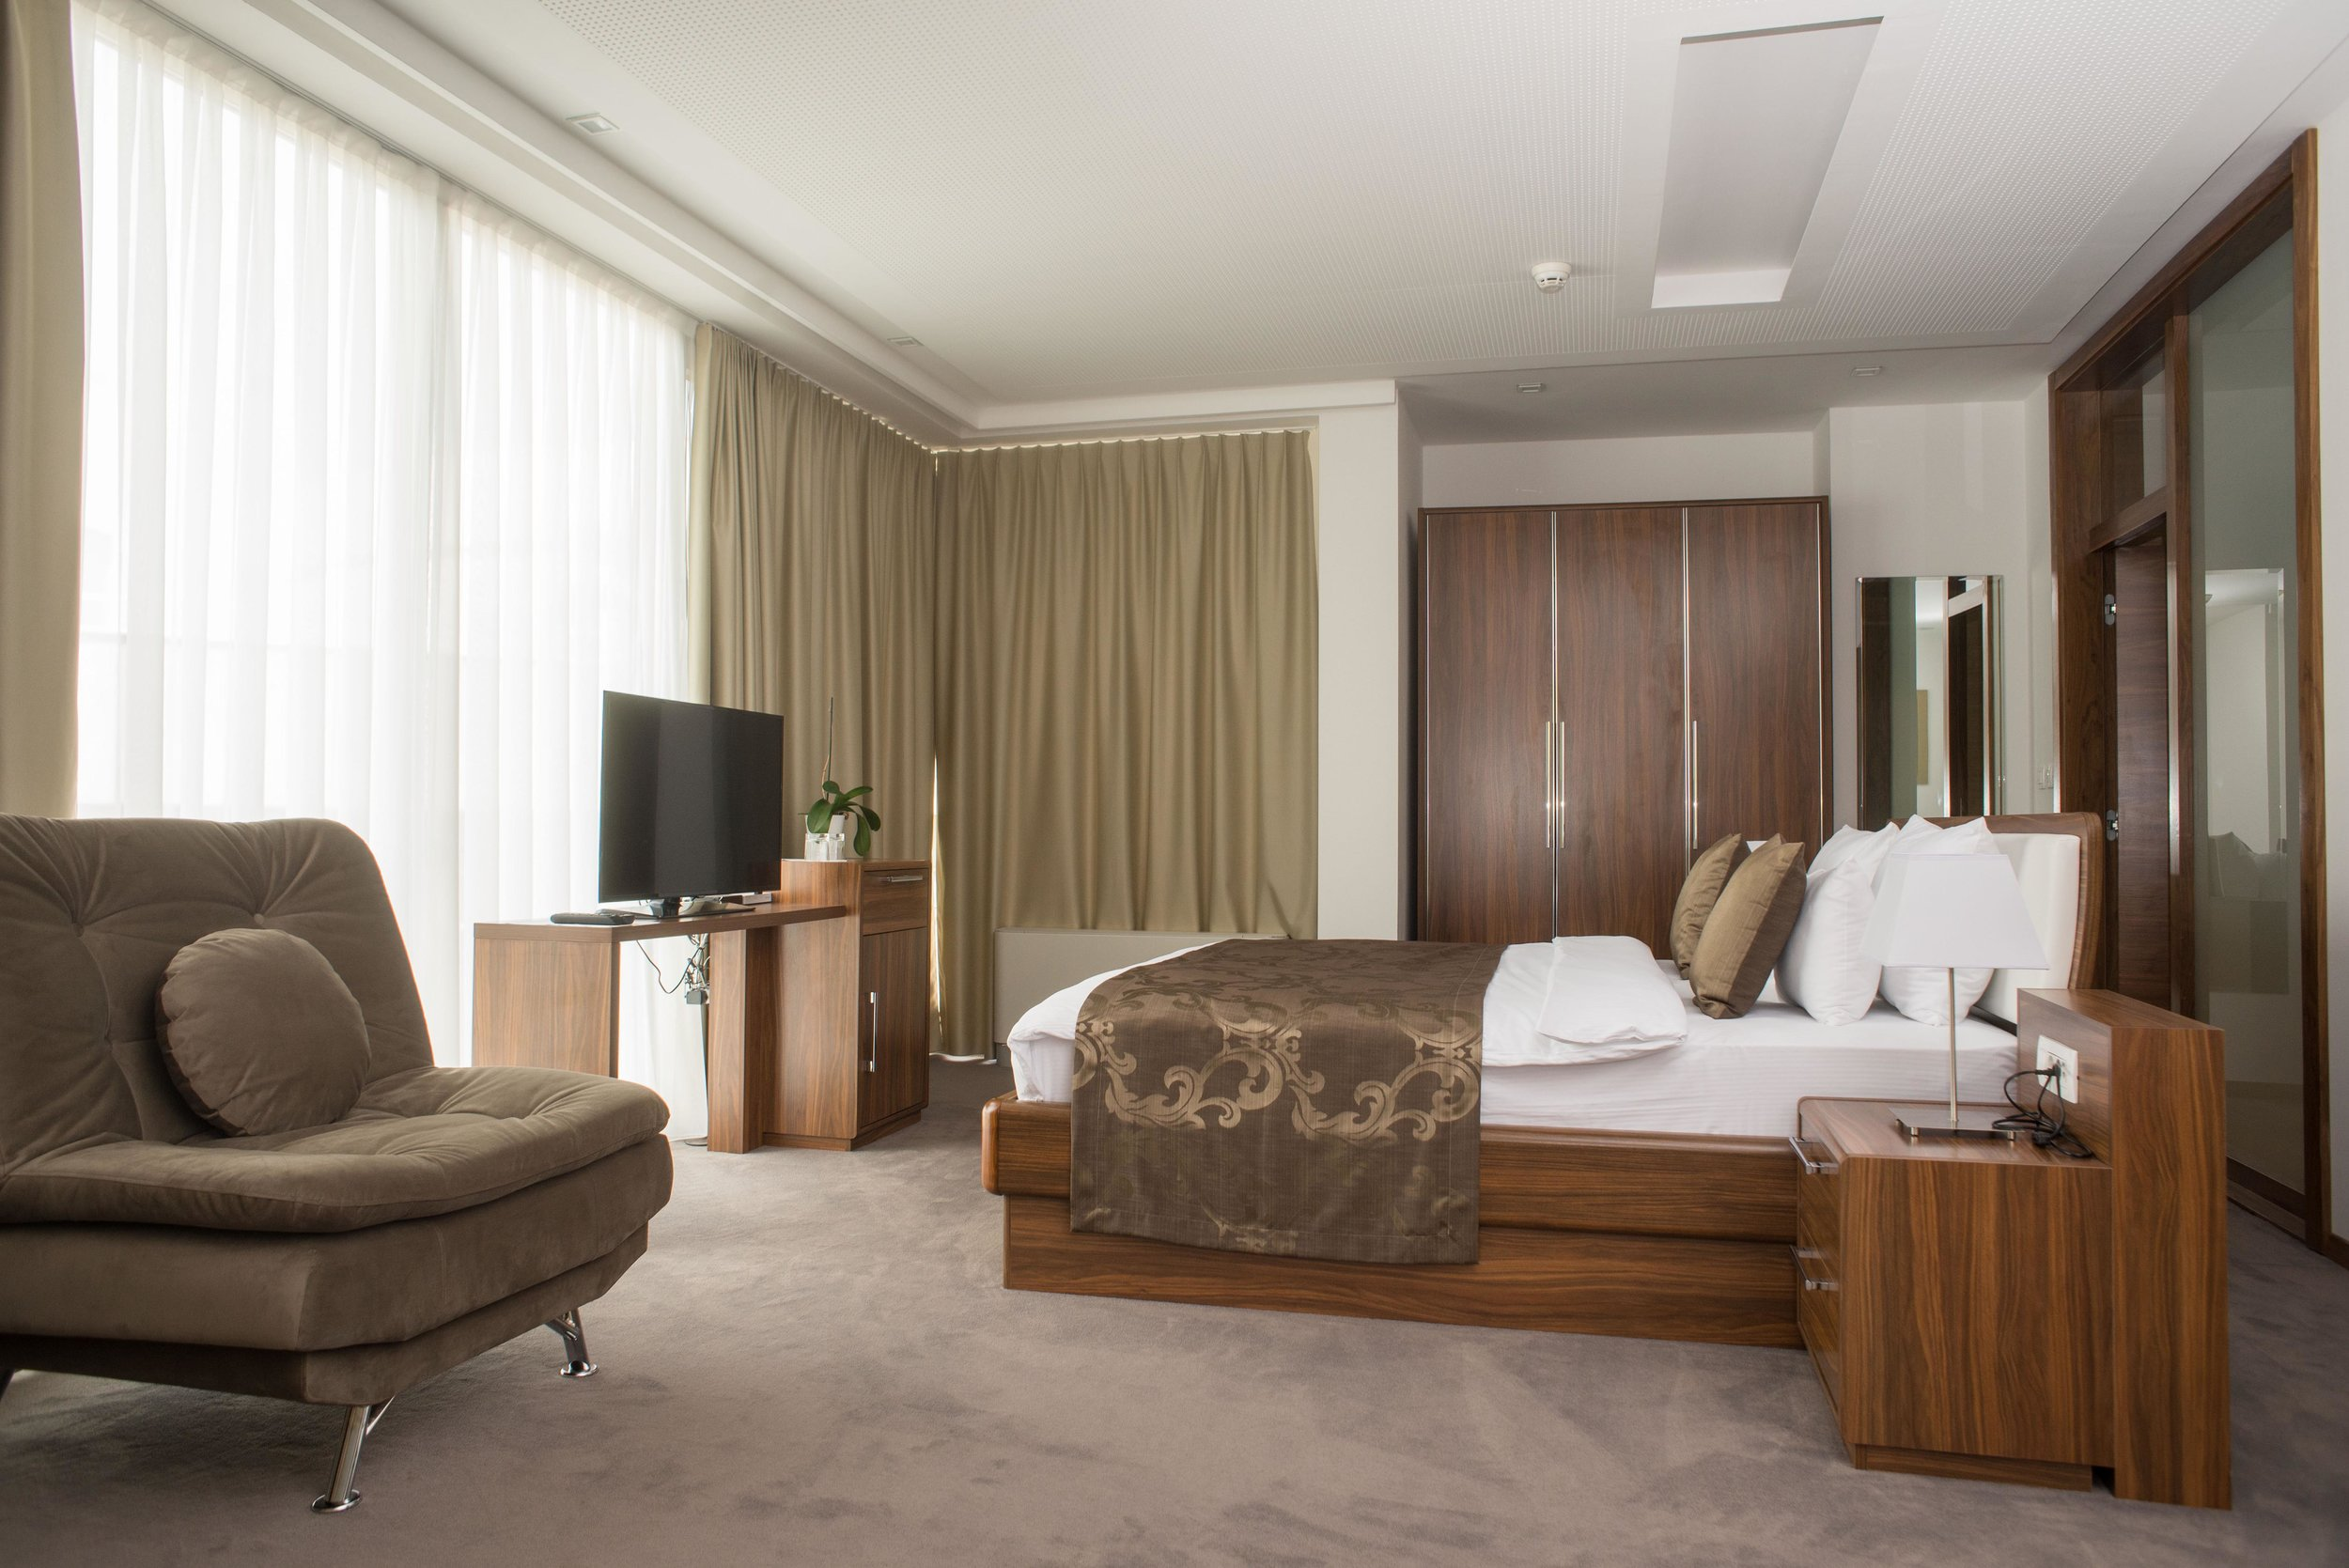 standard deluxe - Uživajte u luksuzno dizajniranim Deluxe sobama. Sve sobe raspolažu sa posebno kreiranim osvjetljenjem, koje omogućava izbor različitih ugođaja ovisno o dijelu dana i sobe. Idealna lokacija, te izuzetno udoban bračni krevet, obećavaju savršeno mirnu noć.Elegantne kupaonice nude kvalitetne kozmetičke proizvode. Opremljene su tuš kabinom, sušilom za kosu i papučama.